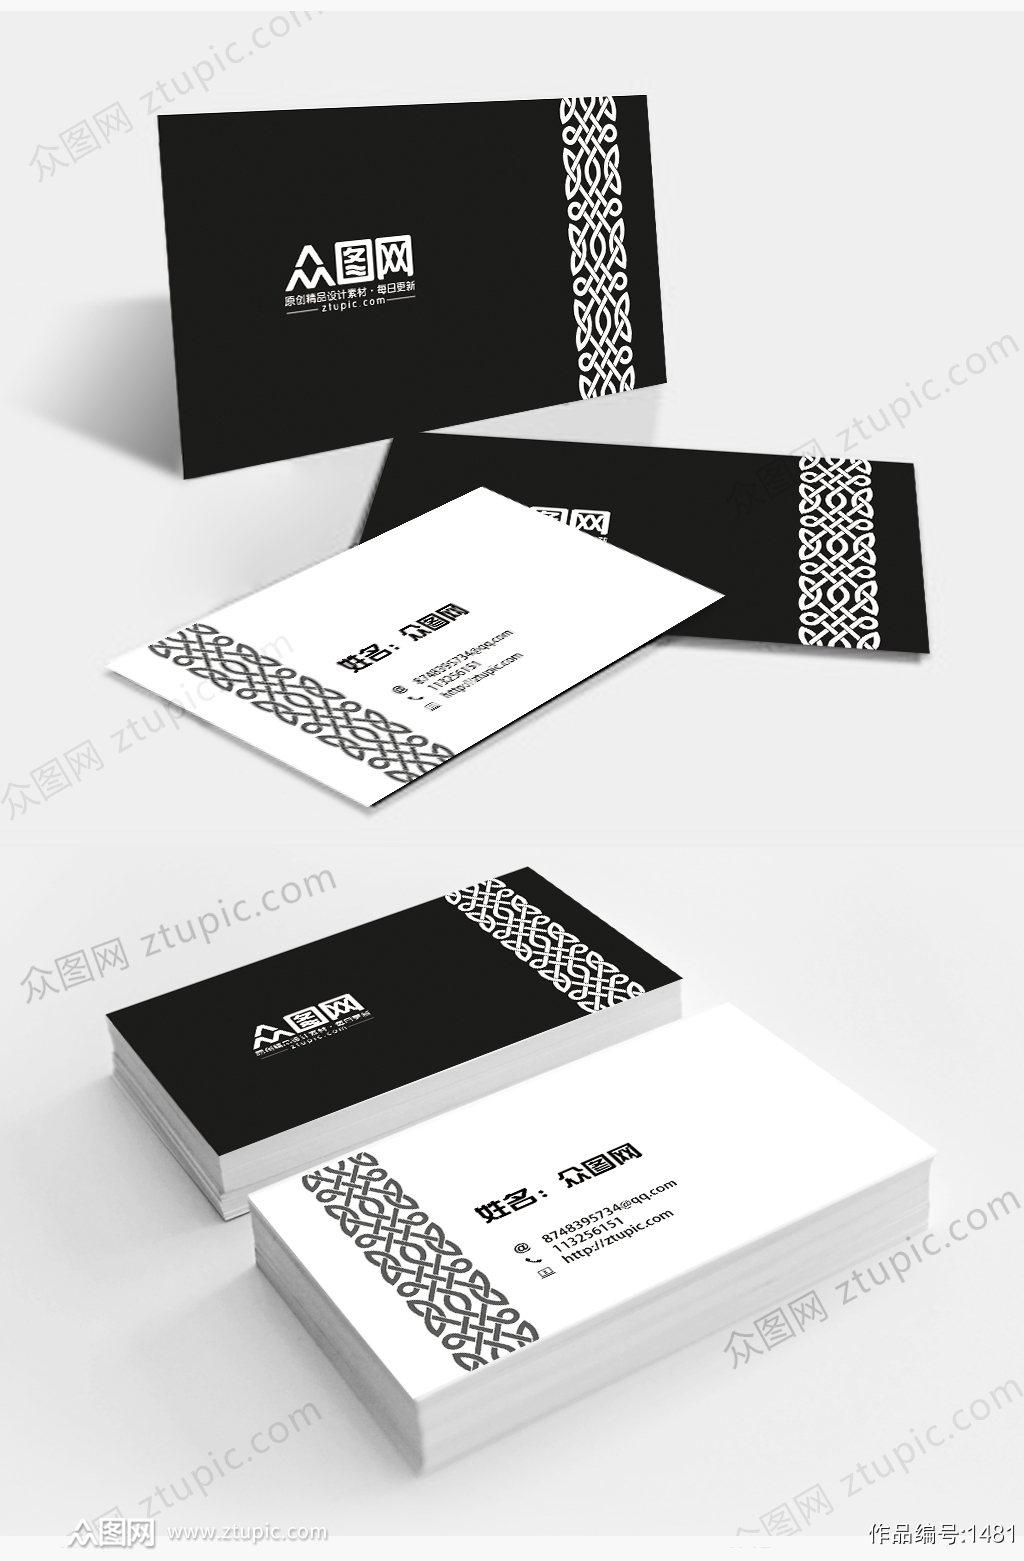 创意黑白高端大气简约名片设计素材